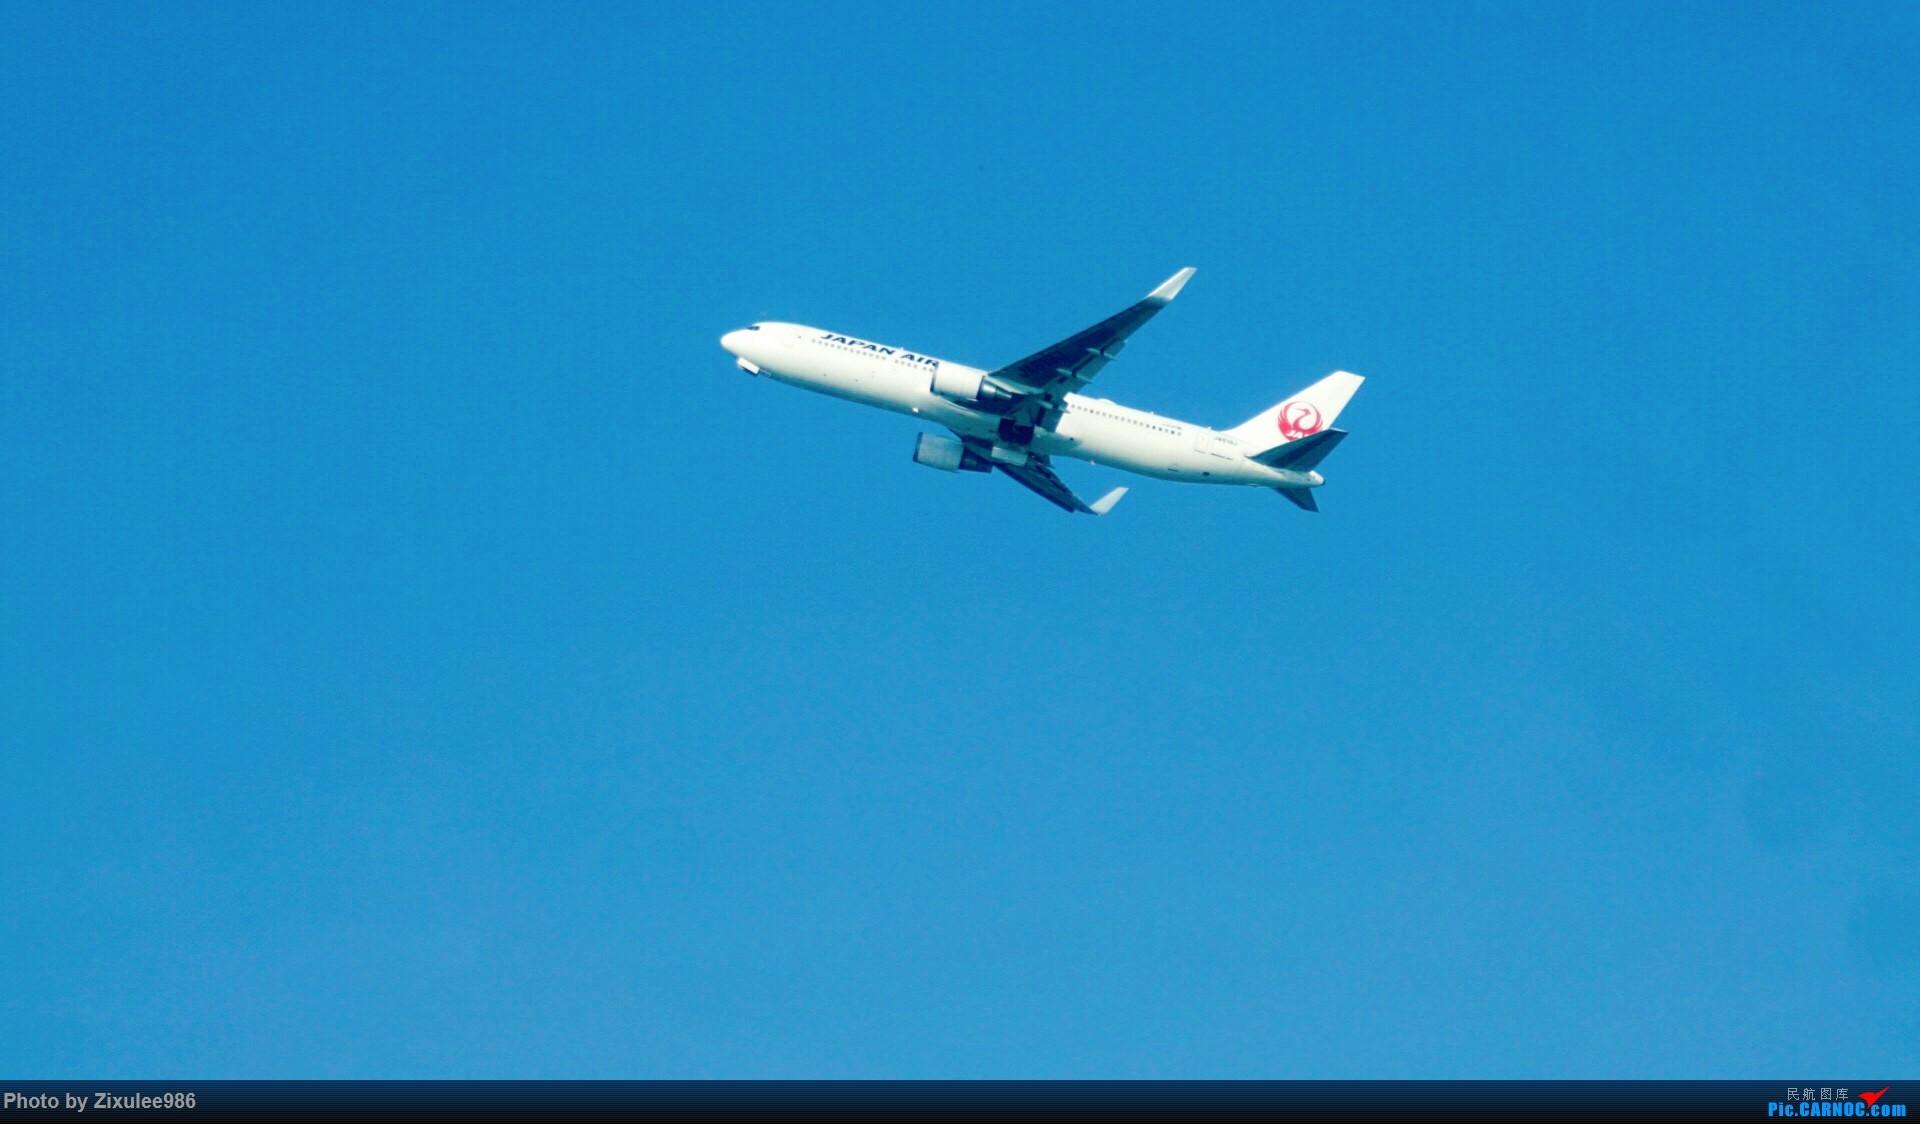 Re:[原创]加拿大21日游学之旅 (二)~加航AC28..PVG-YYZ到达多村后的雨天~多图缓更,请各位大侠谅解~ BOEING 767-346(ER) JA619J 中国上海浦东国际机场